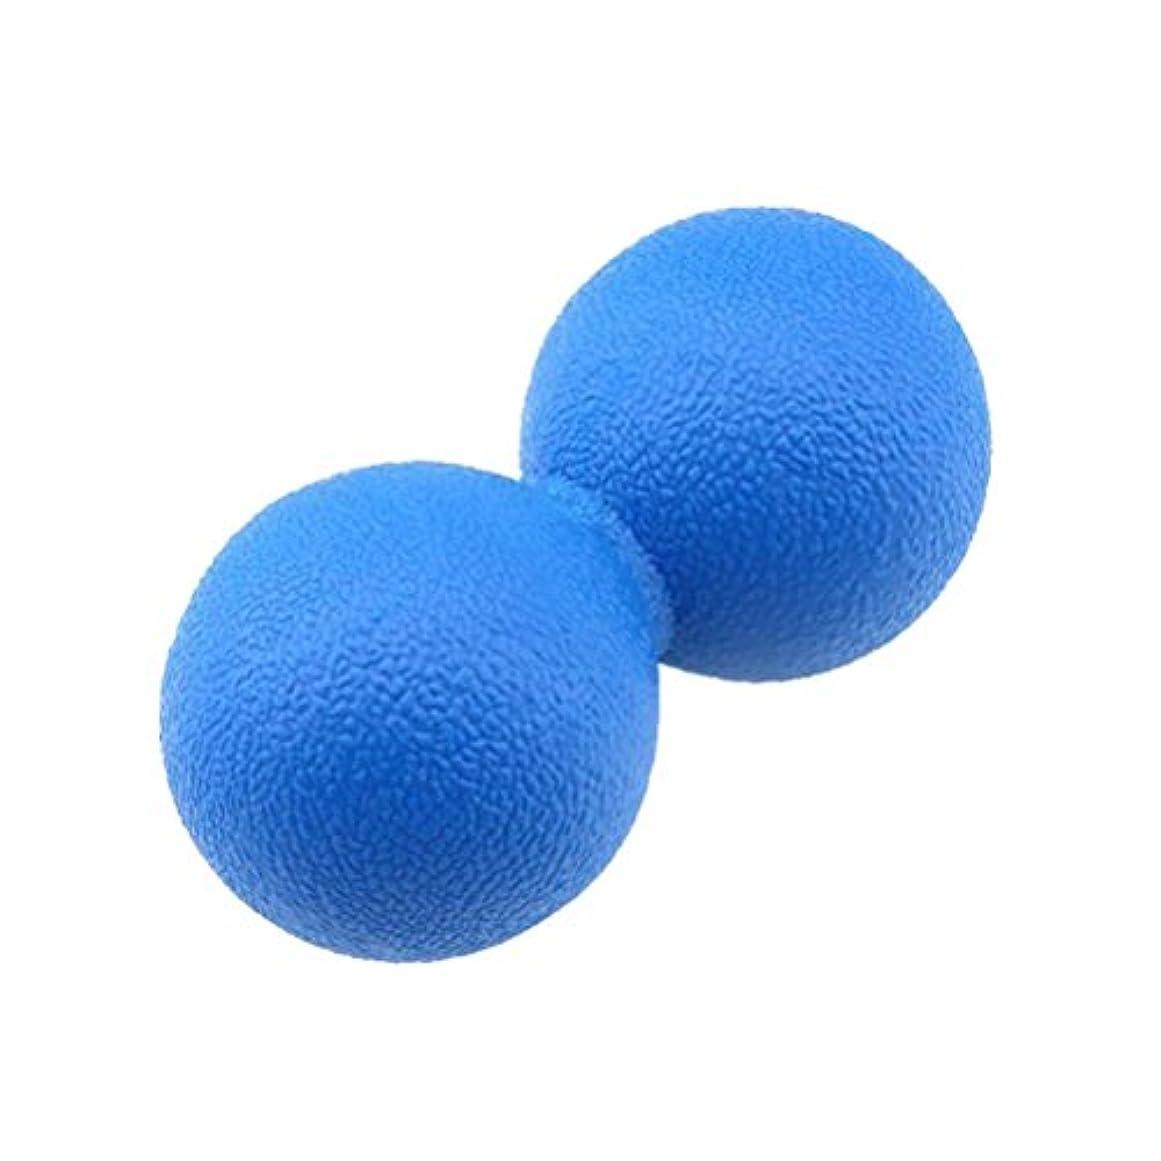 肺炎沿って必要VORCOOL マッサージボール ストレッチボール ハードタイプ トリガーポイント トレーニング 背中 肩こり 腰 ふくらはぎ 足裏 ツボ押しグッズ スーパーハードタイプ 筋肉痛を改善 運動前後(ブルー)